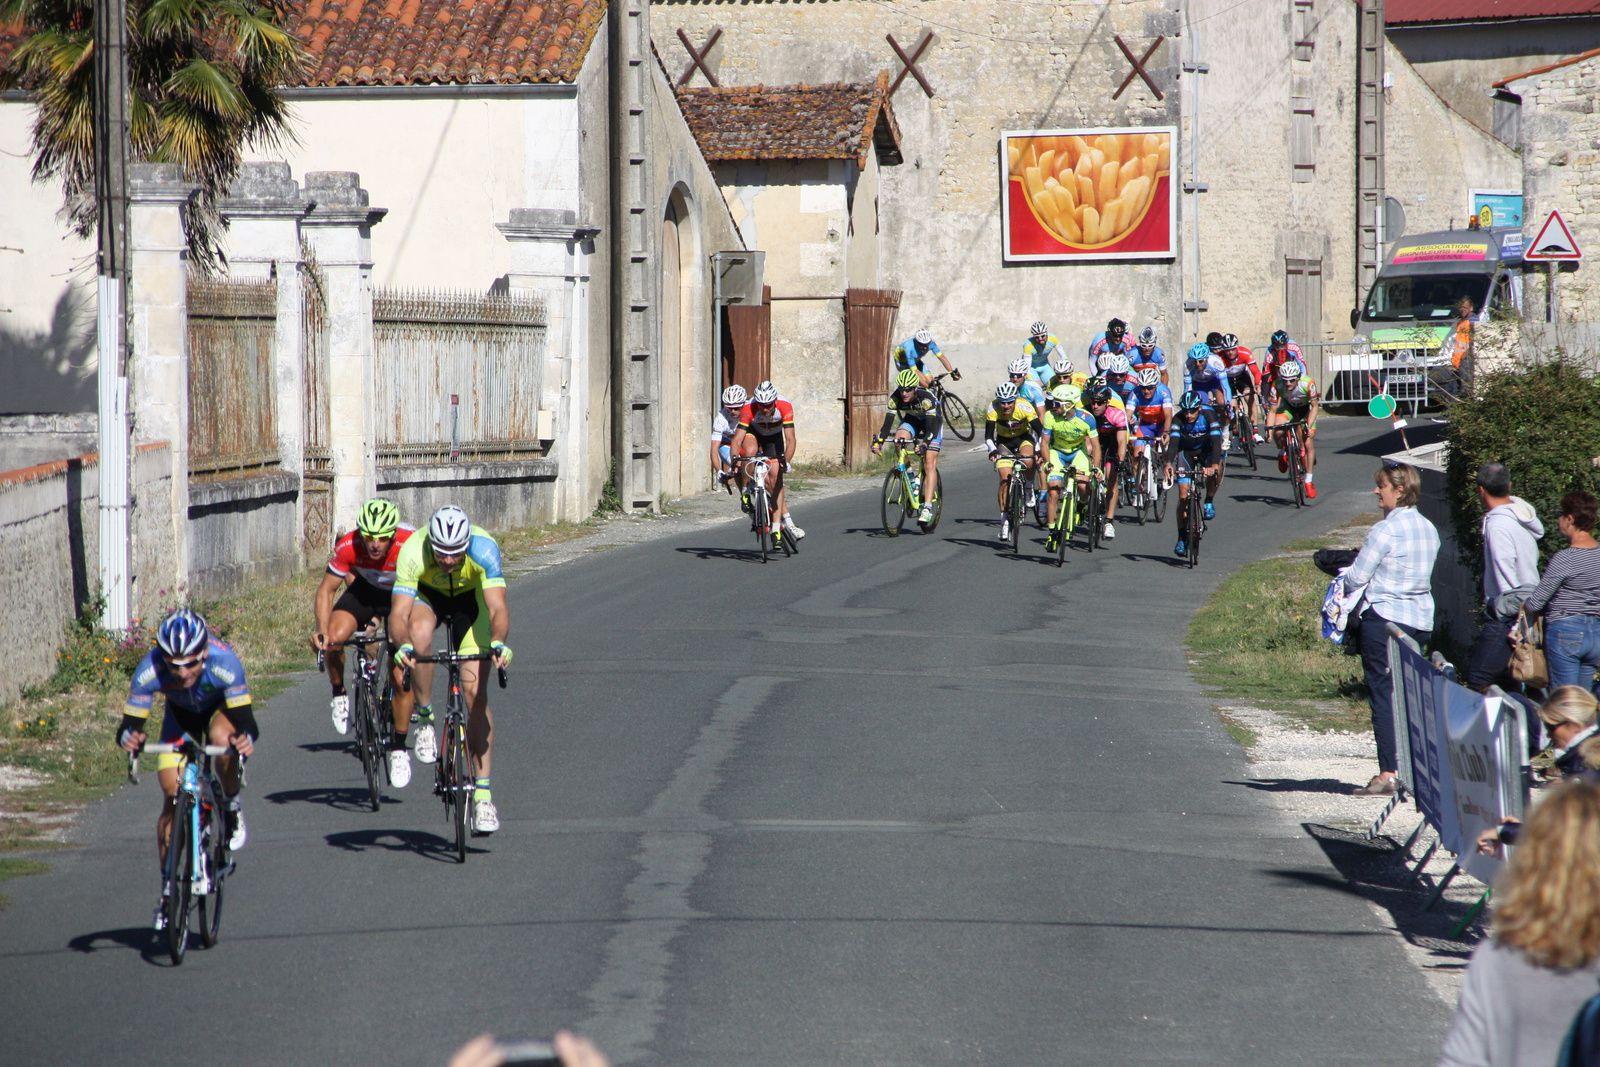 On  tente  de  resortir  à  4  avec  Jean-Claude  SOULARD, Tristan  BOSSIS, Hugues  CORDONNIER  et  Stéphane  BOIRIVANT